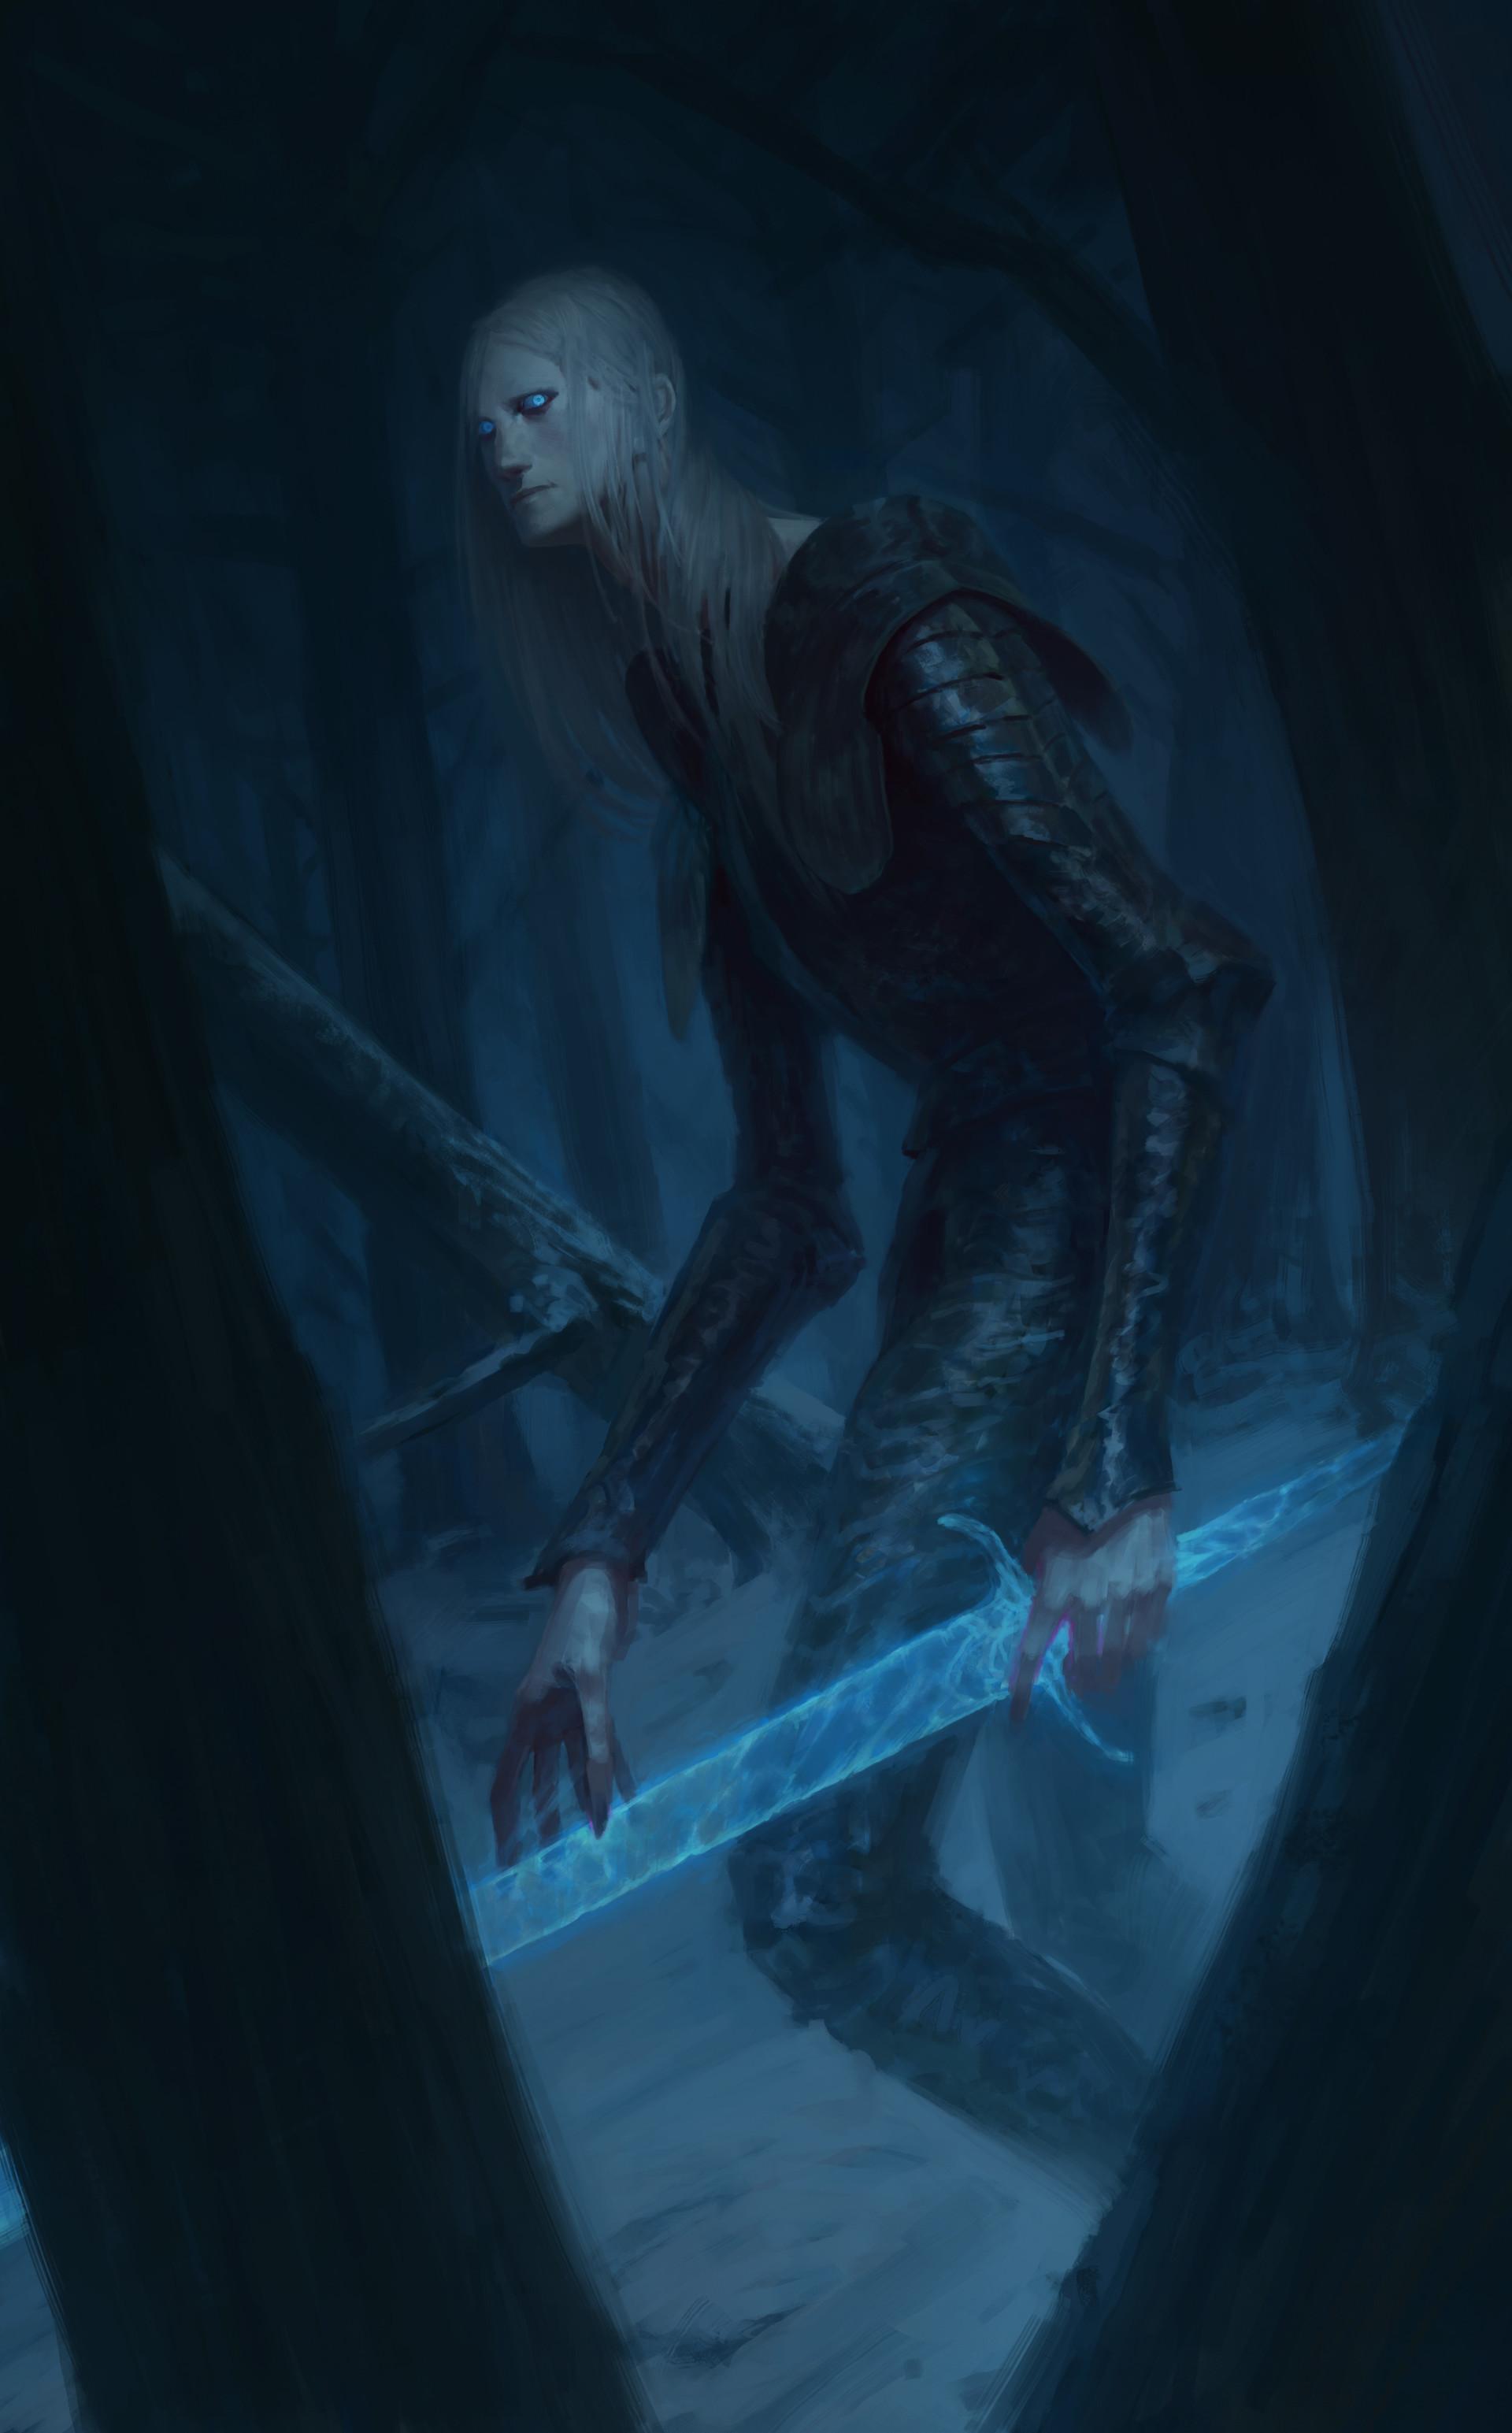 Wallpaper Fantasy Art Game Of Thrones White Walker 1920x3089